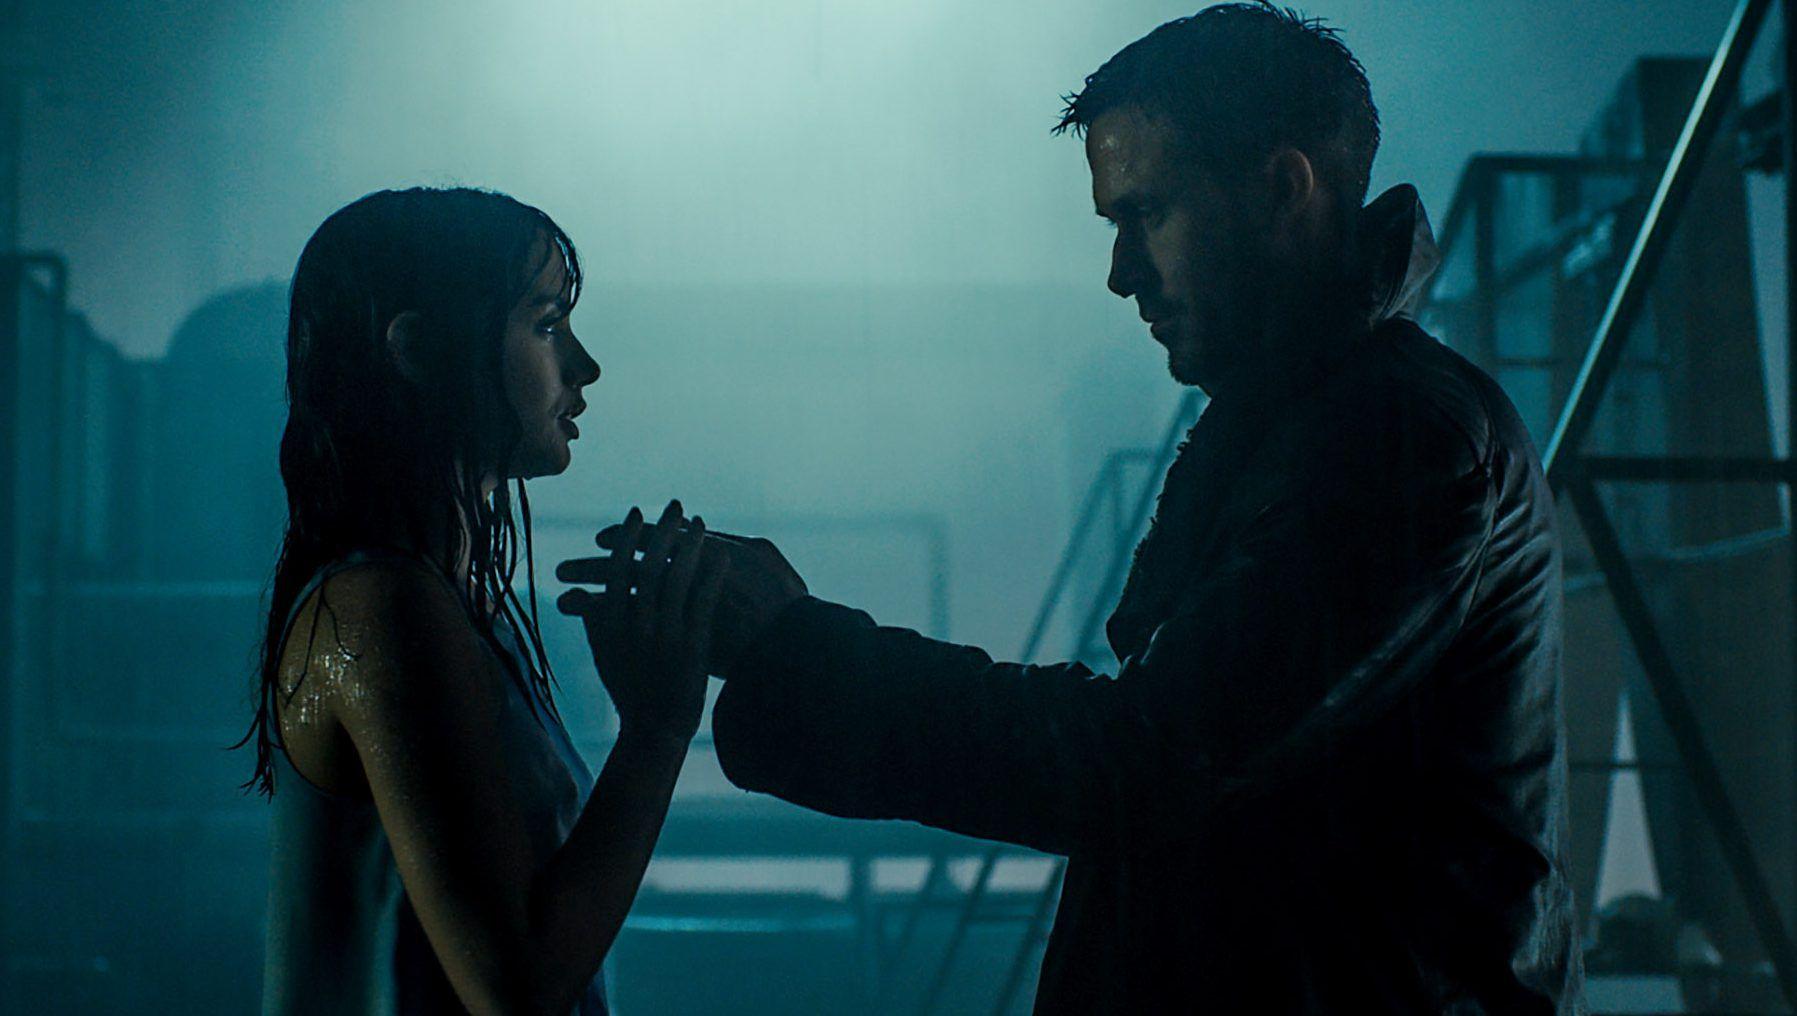 Blade Runner 2049 ra mắt mờ nhạt tại phòng vé Bắc Mỹ - Ảnh 3.